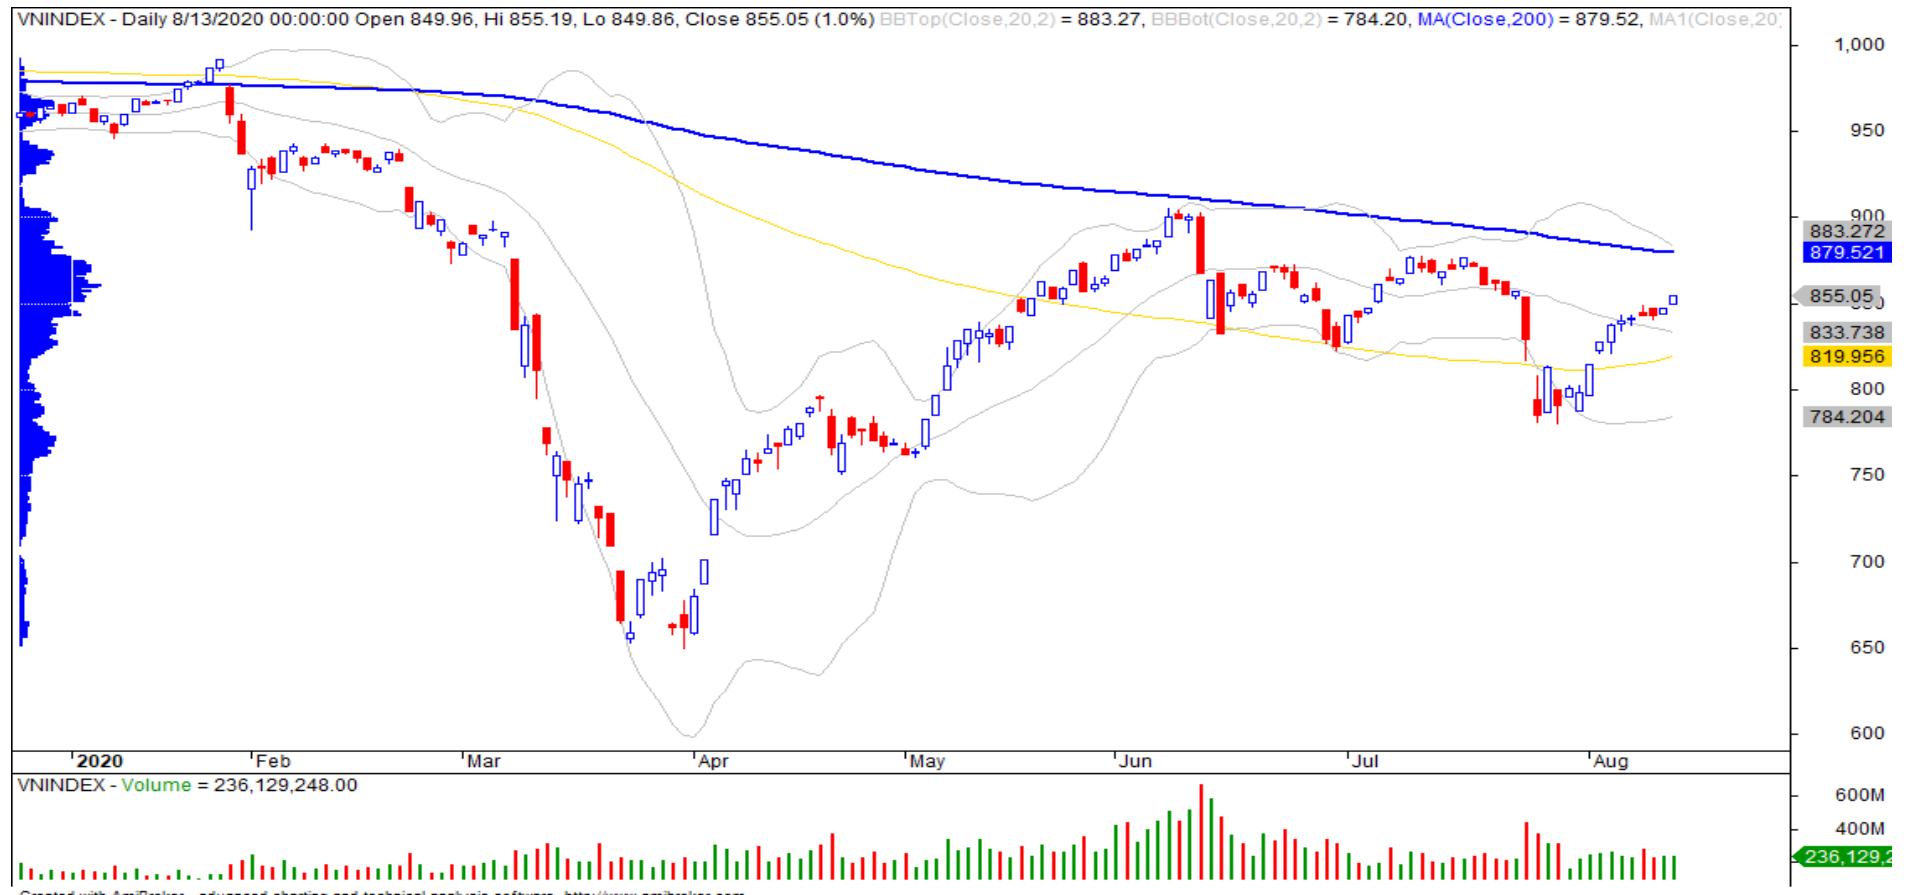 Nhận định thị trường chứng khoán ngày 14/8: Tiếp tục tăng điểm phiên cuối tuần - Ảnh 1.